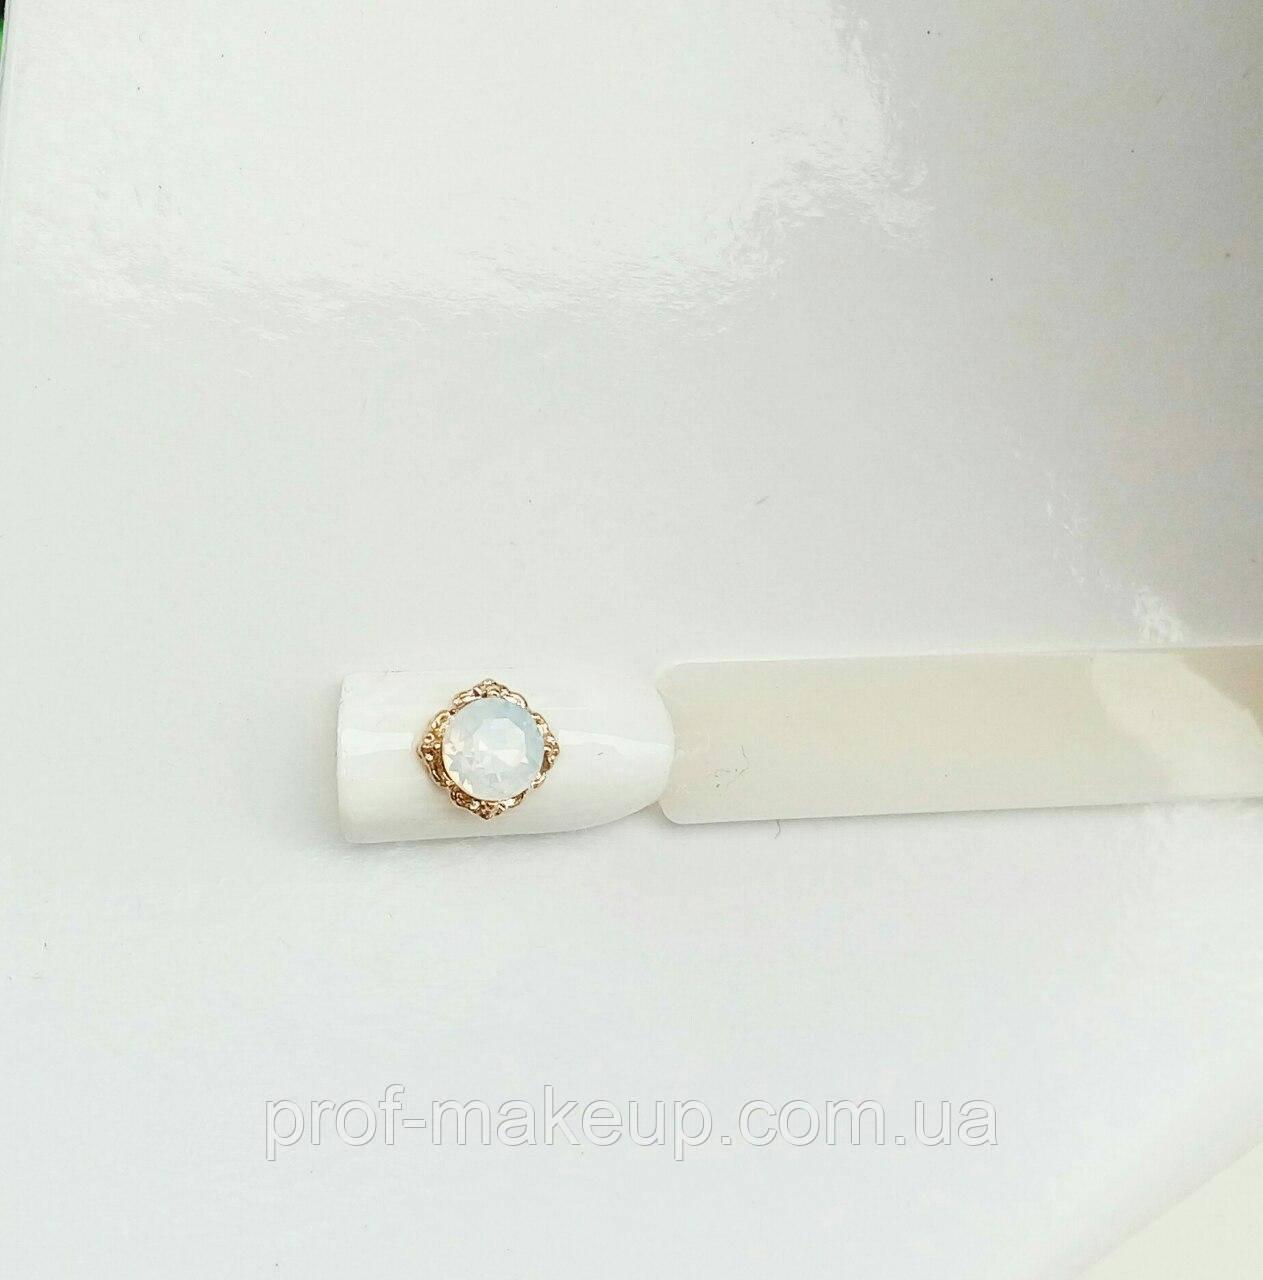 Украшение на ногти 3D лунный камень в золотой оправе.